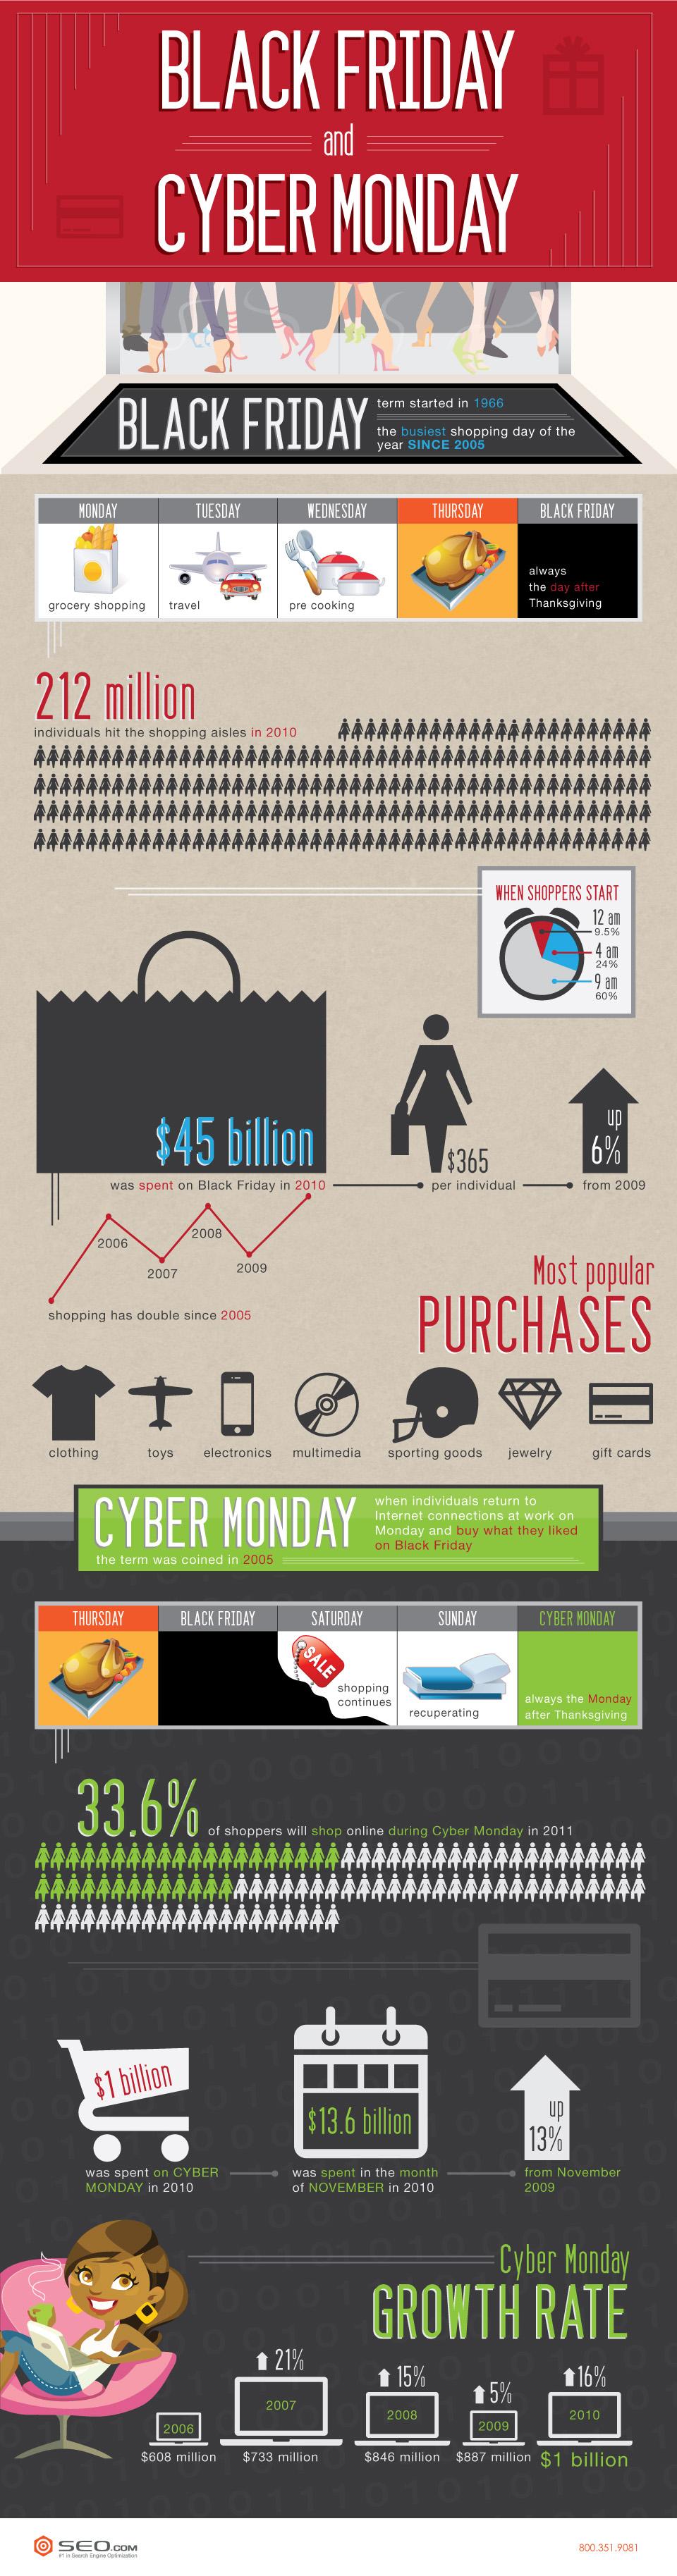 Black Friday, Cyber Monday e As Festas de Final de Ano nos EUA [Infográfico]